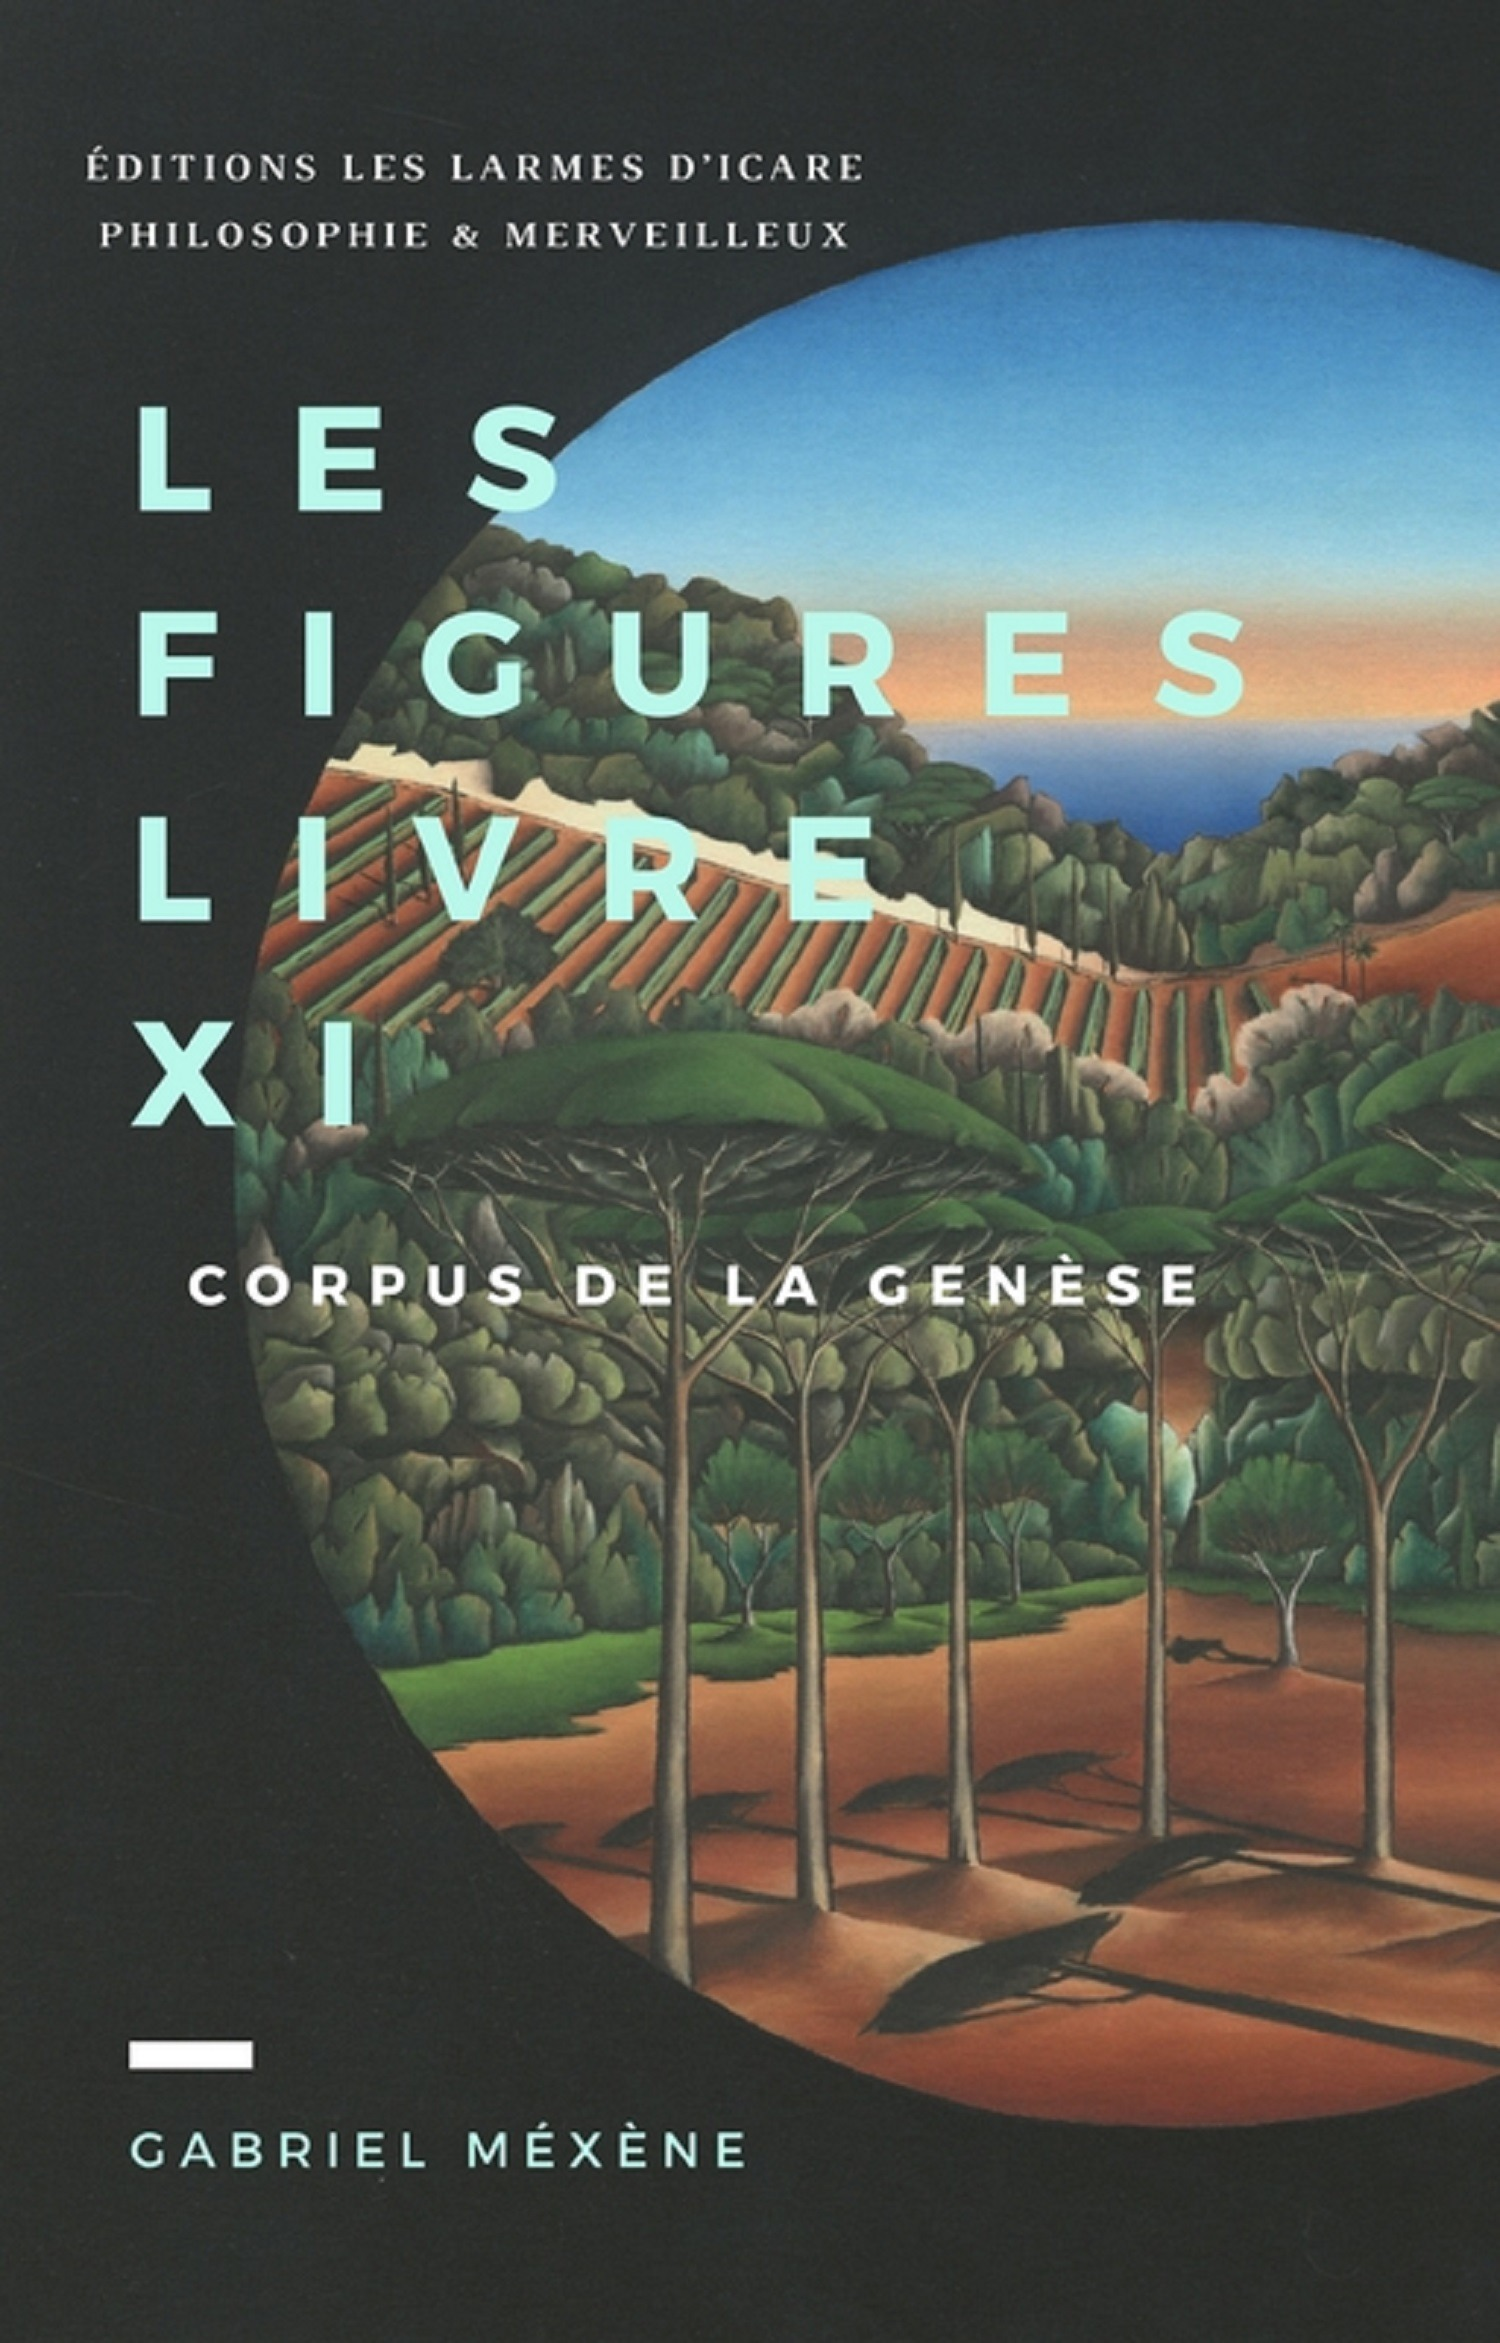 Les Figures ; corpus de la Genèse livre XI